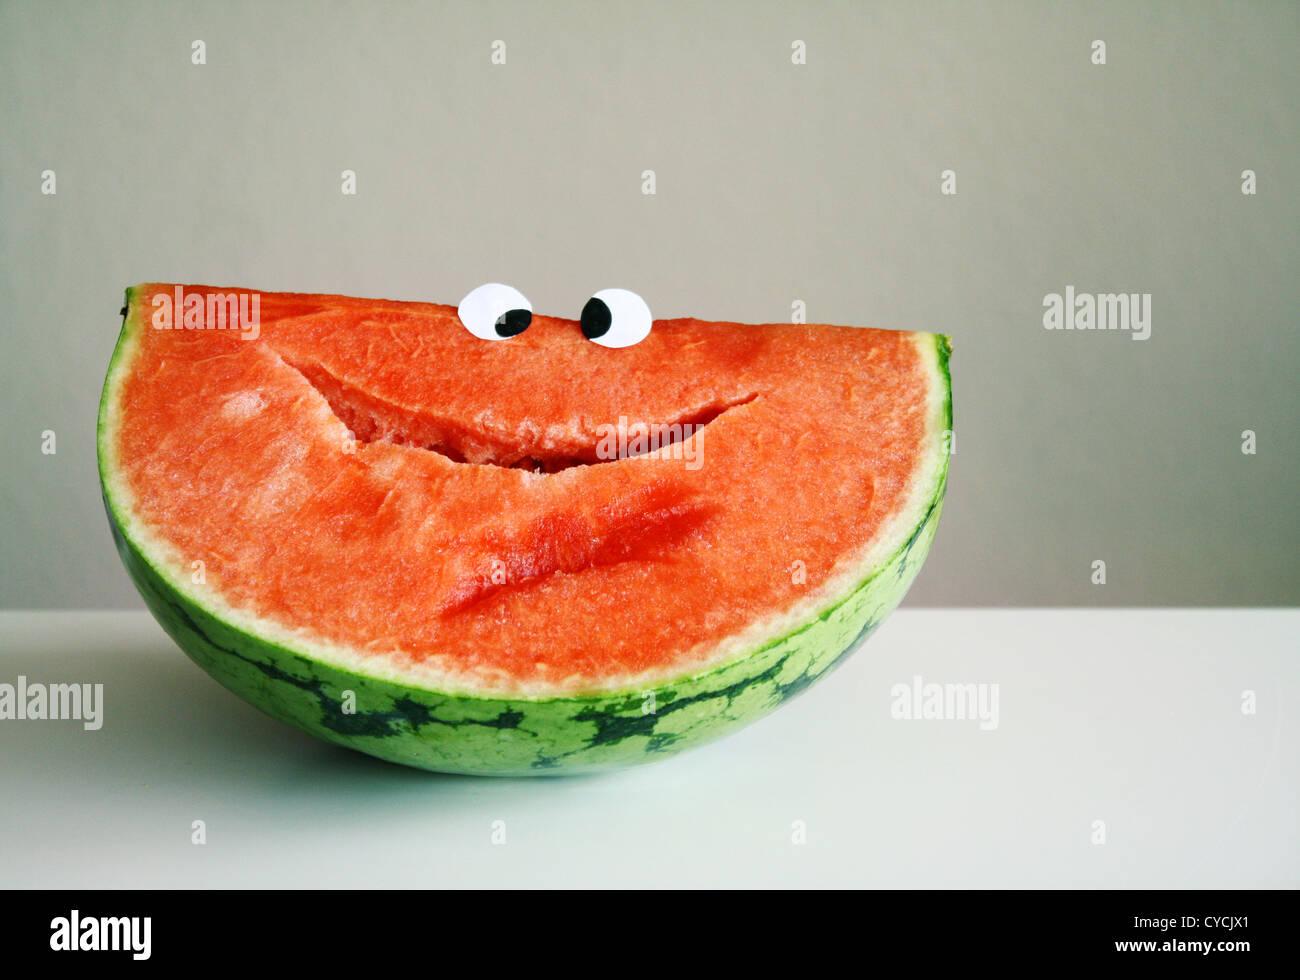 Sonriendo,frutas,Sandía Foto de stock